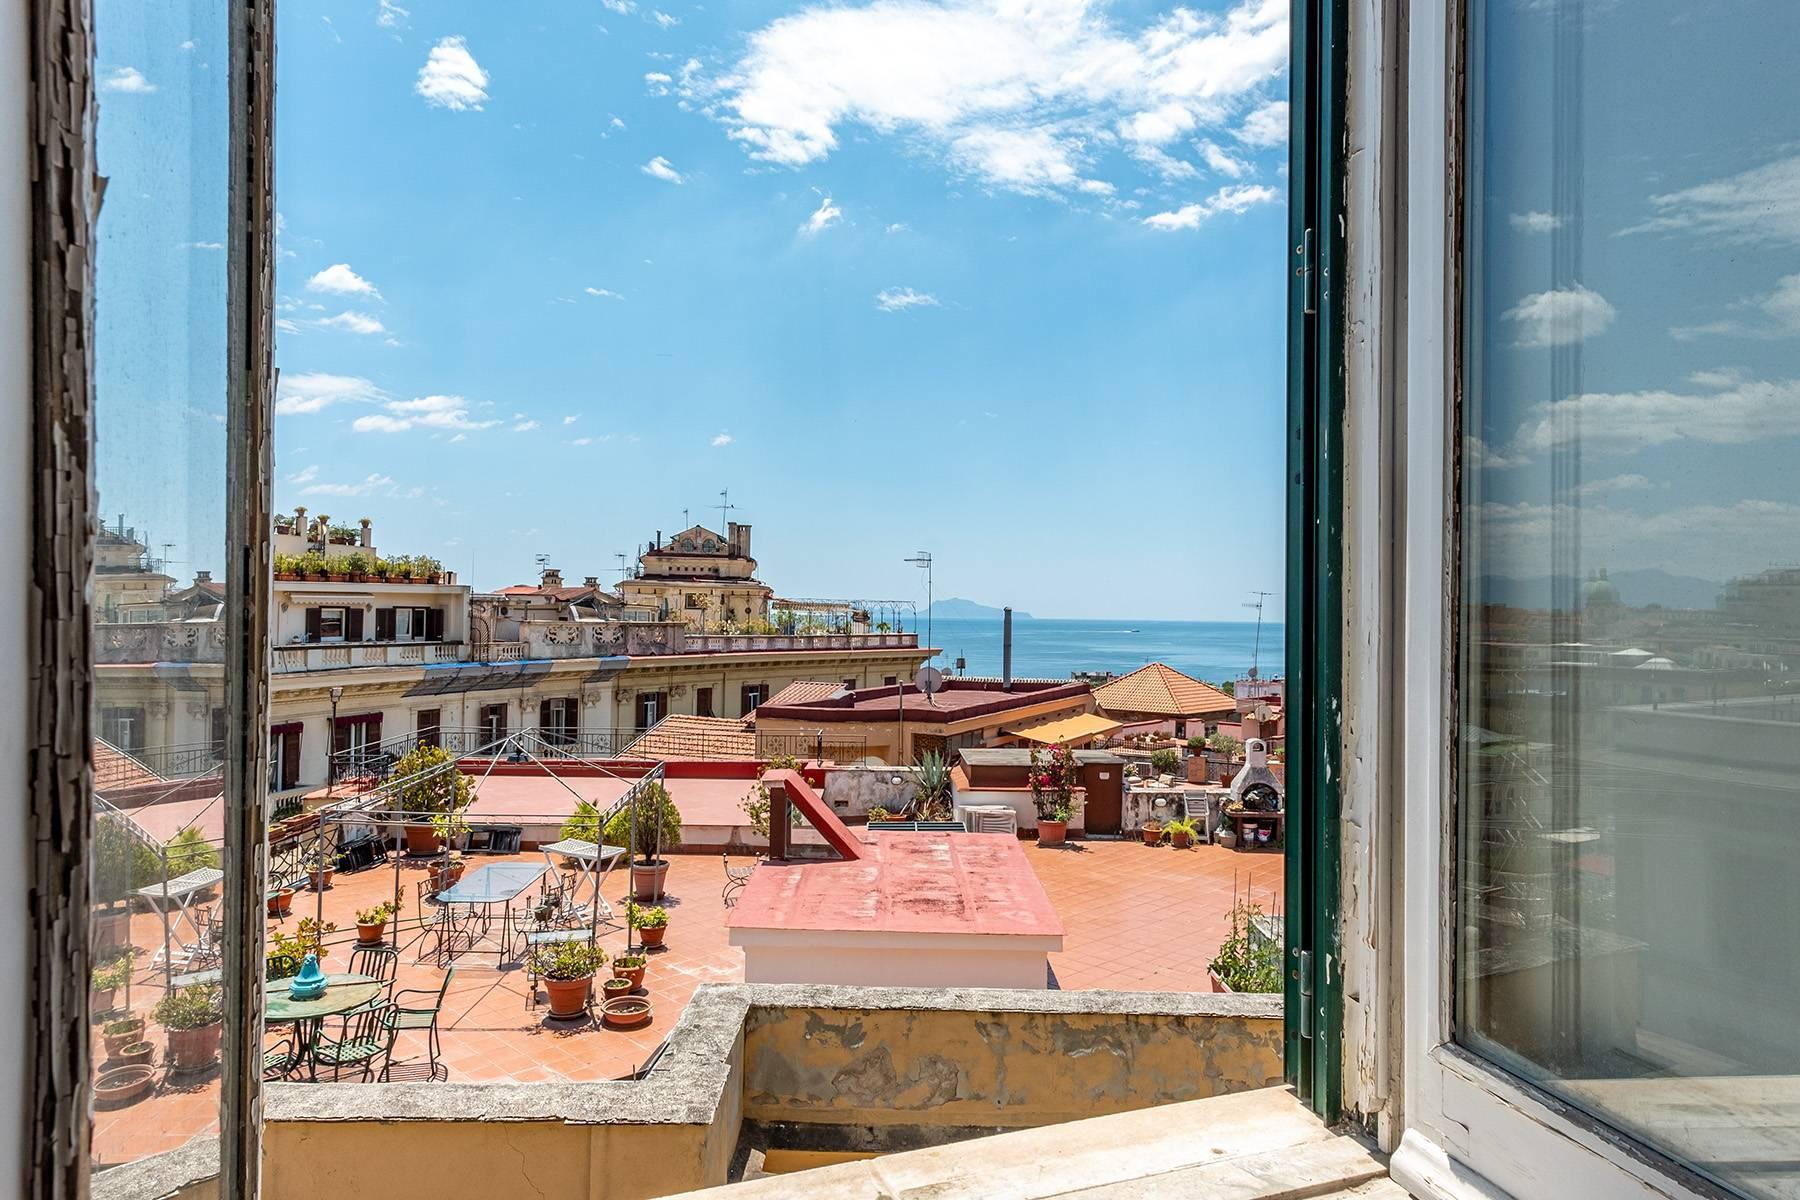 Attico in Vendita a Napoli: 5 locali, 160 mq - Foto 25